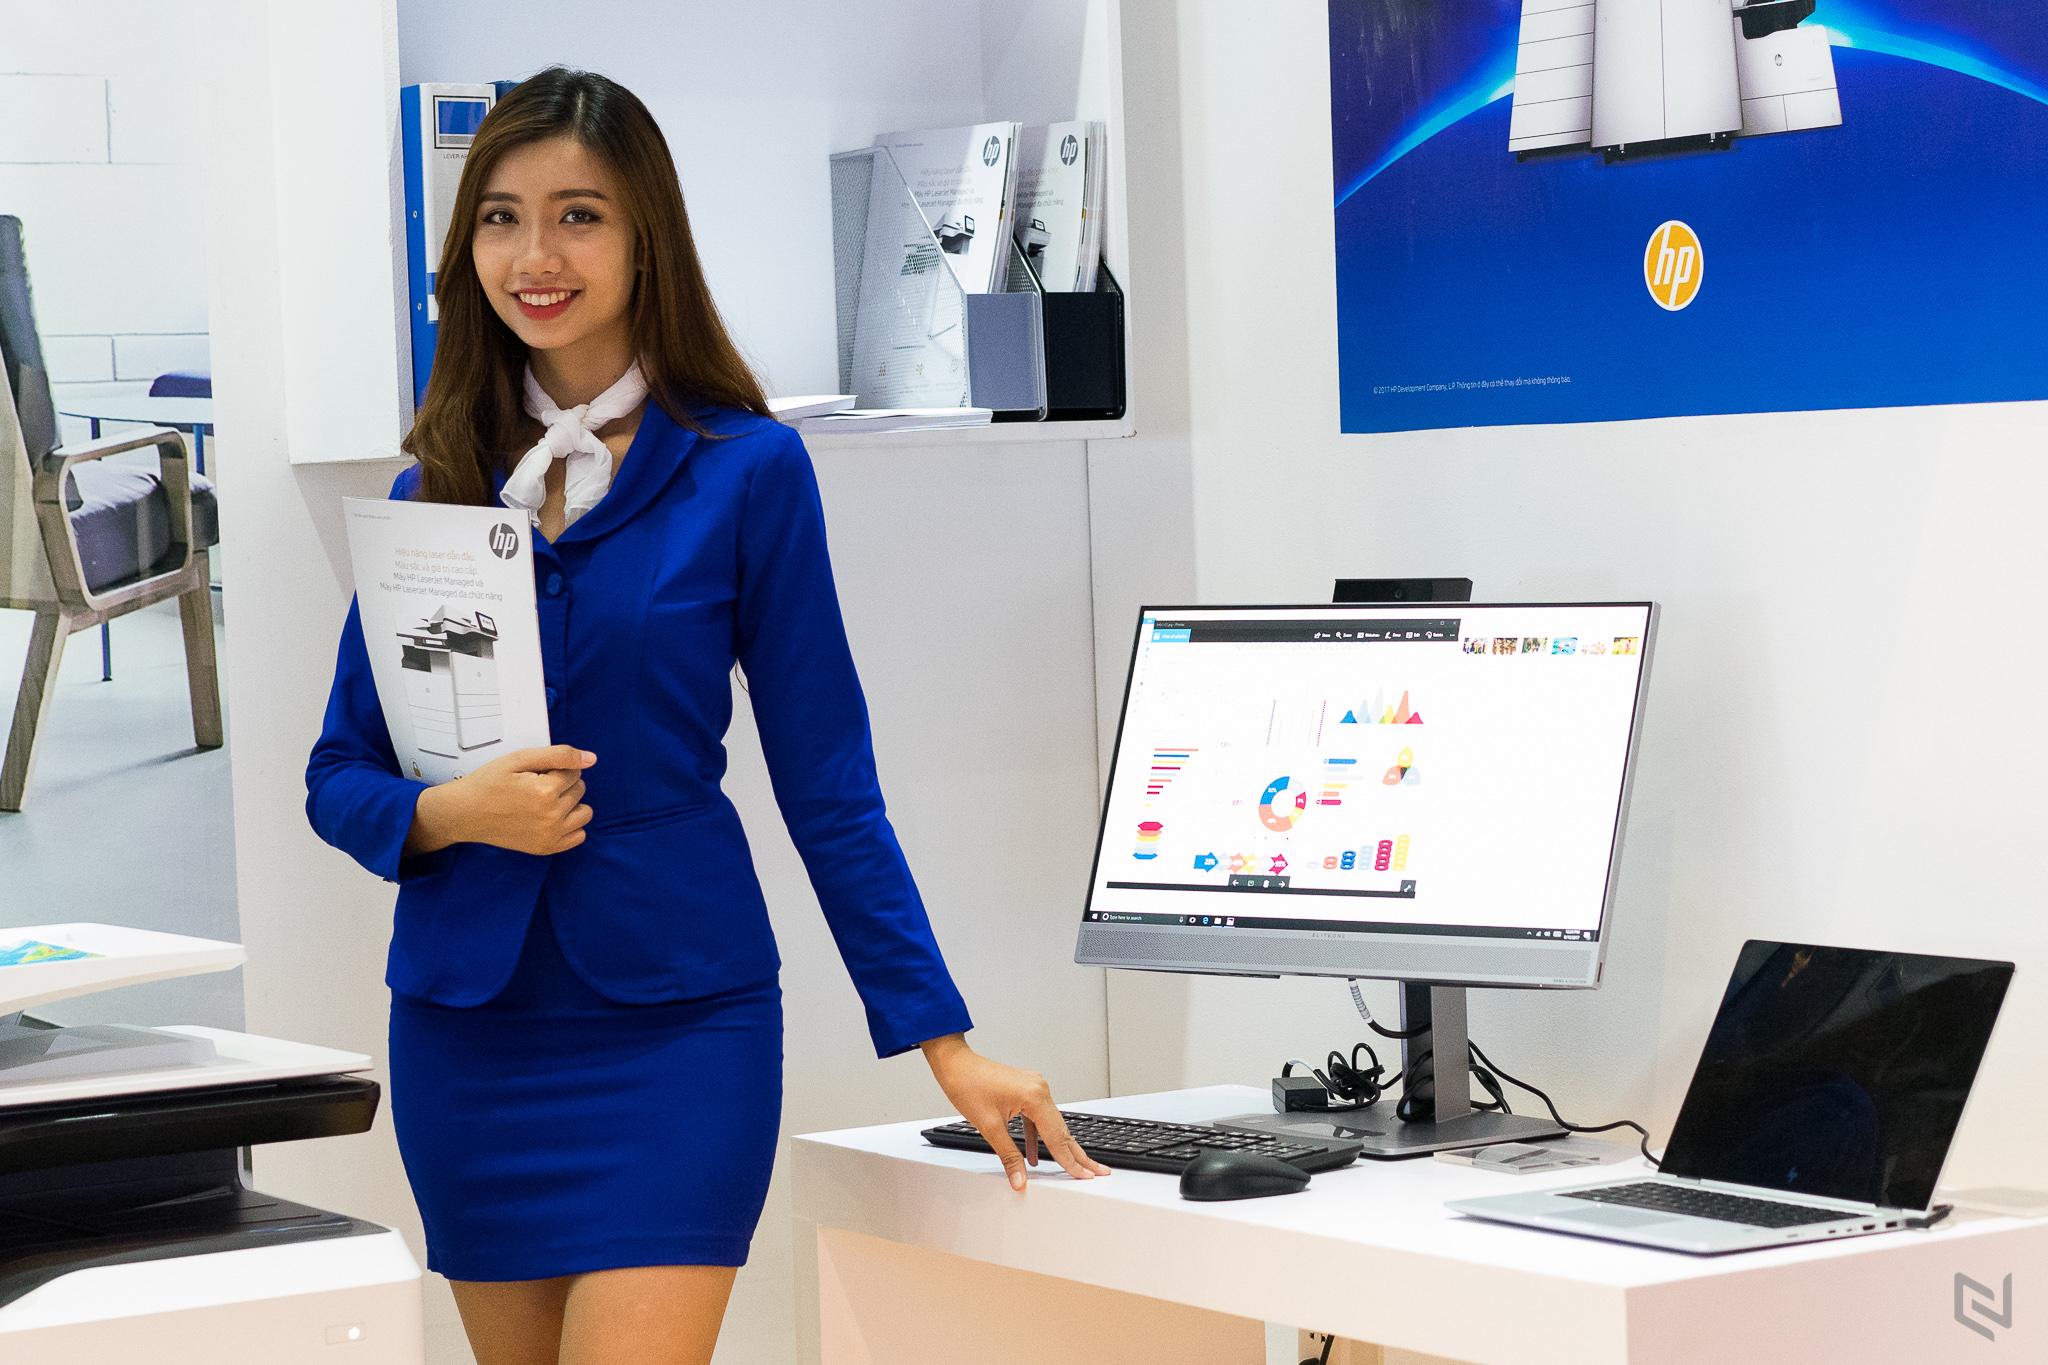 HP ra mắt dòng máy in A3 đa chức năng, mạnh mẽ và bảo mật